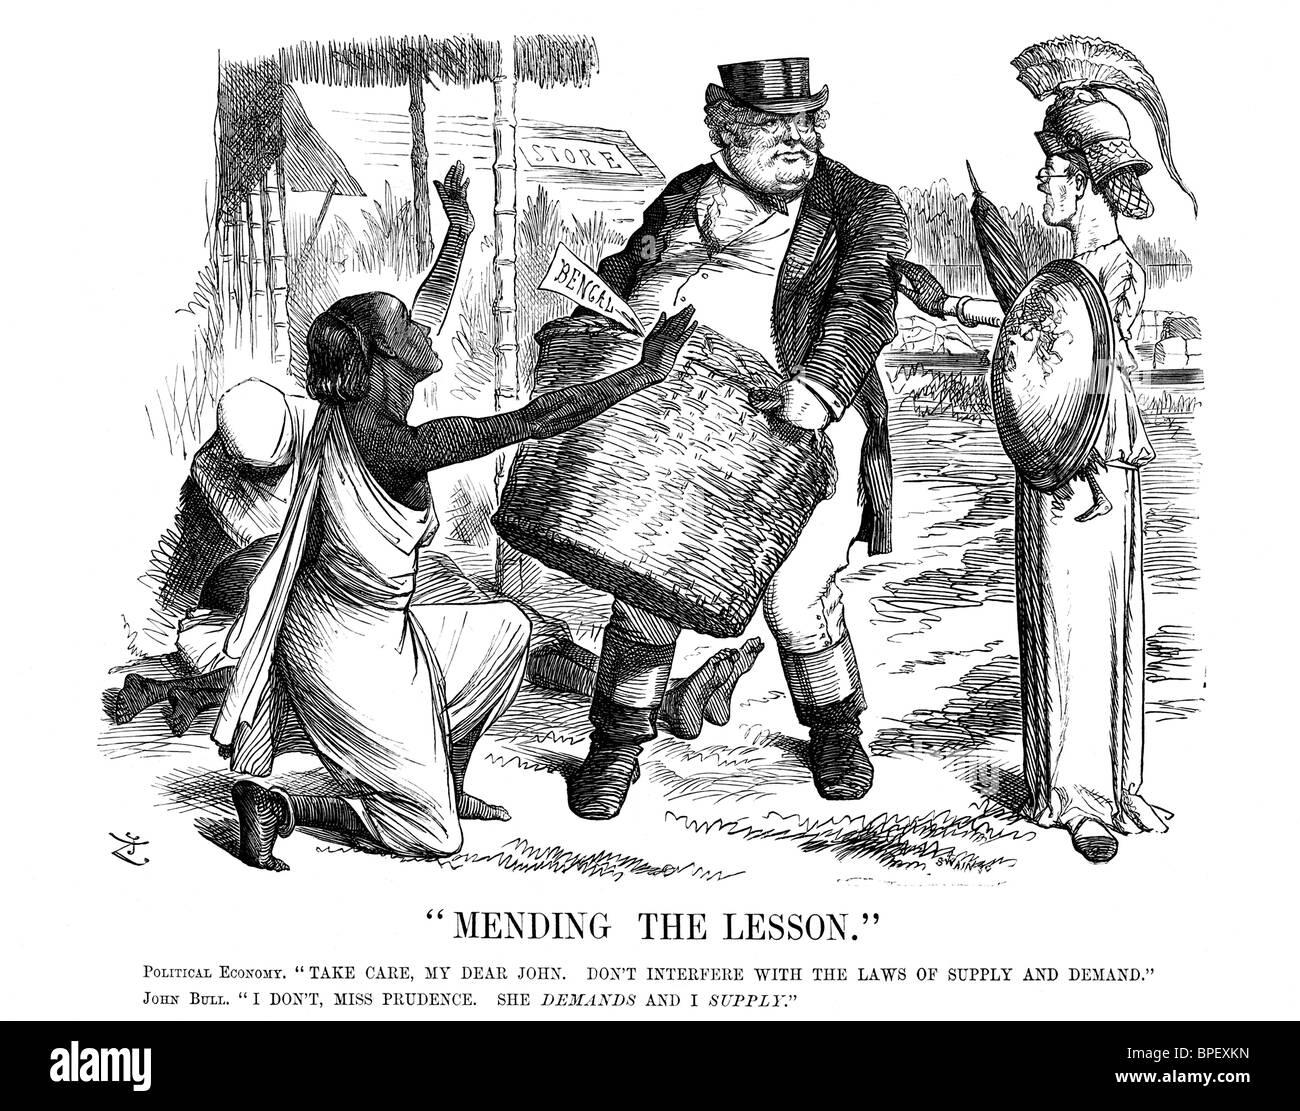 Punch, un magazine hebdomadaire britannique avec l'humour et de la satire, inclus cette caricature politique Photo Stock